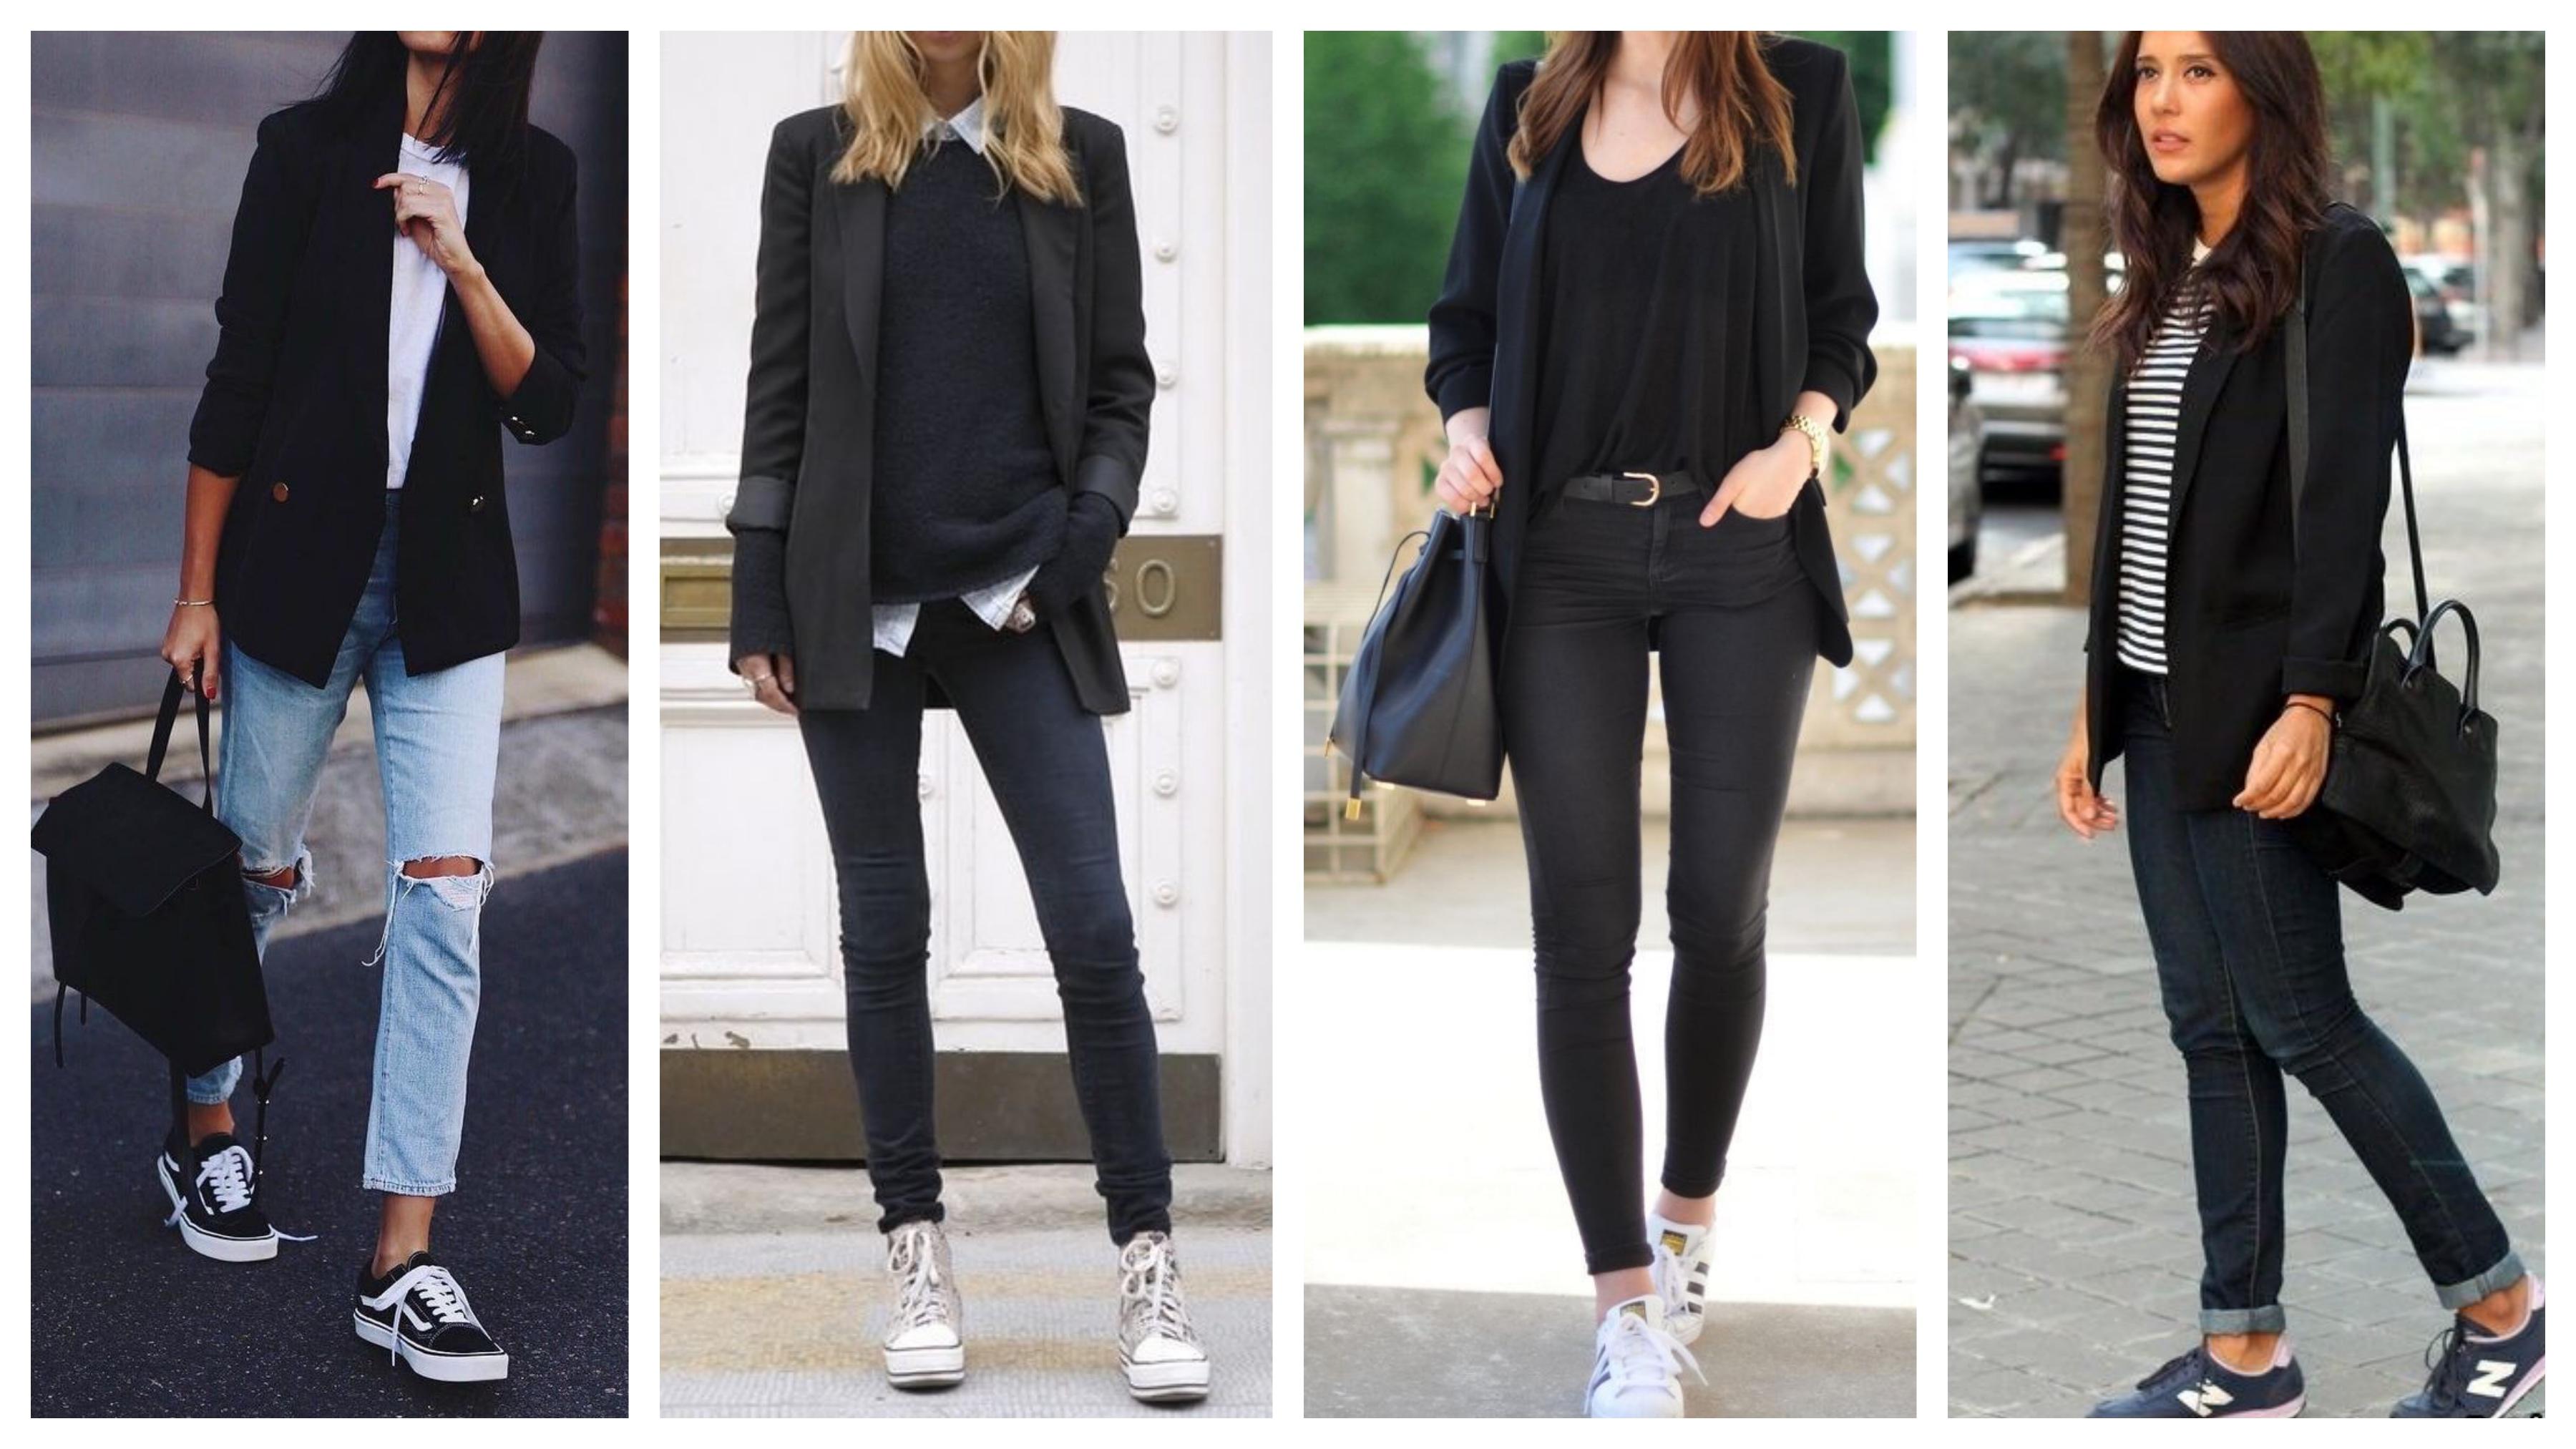 Черный женский пиджак с кроссовками и кедами